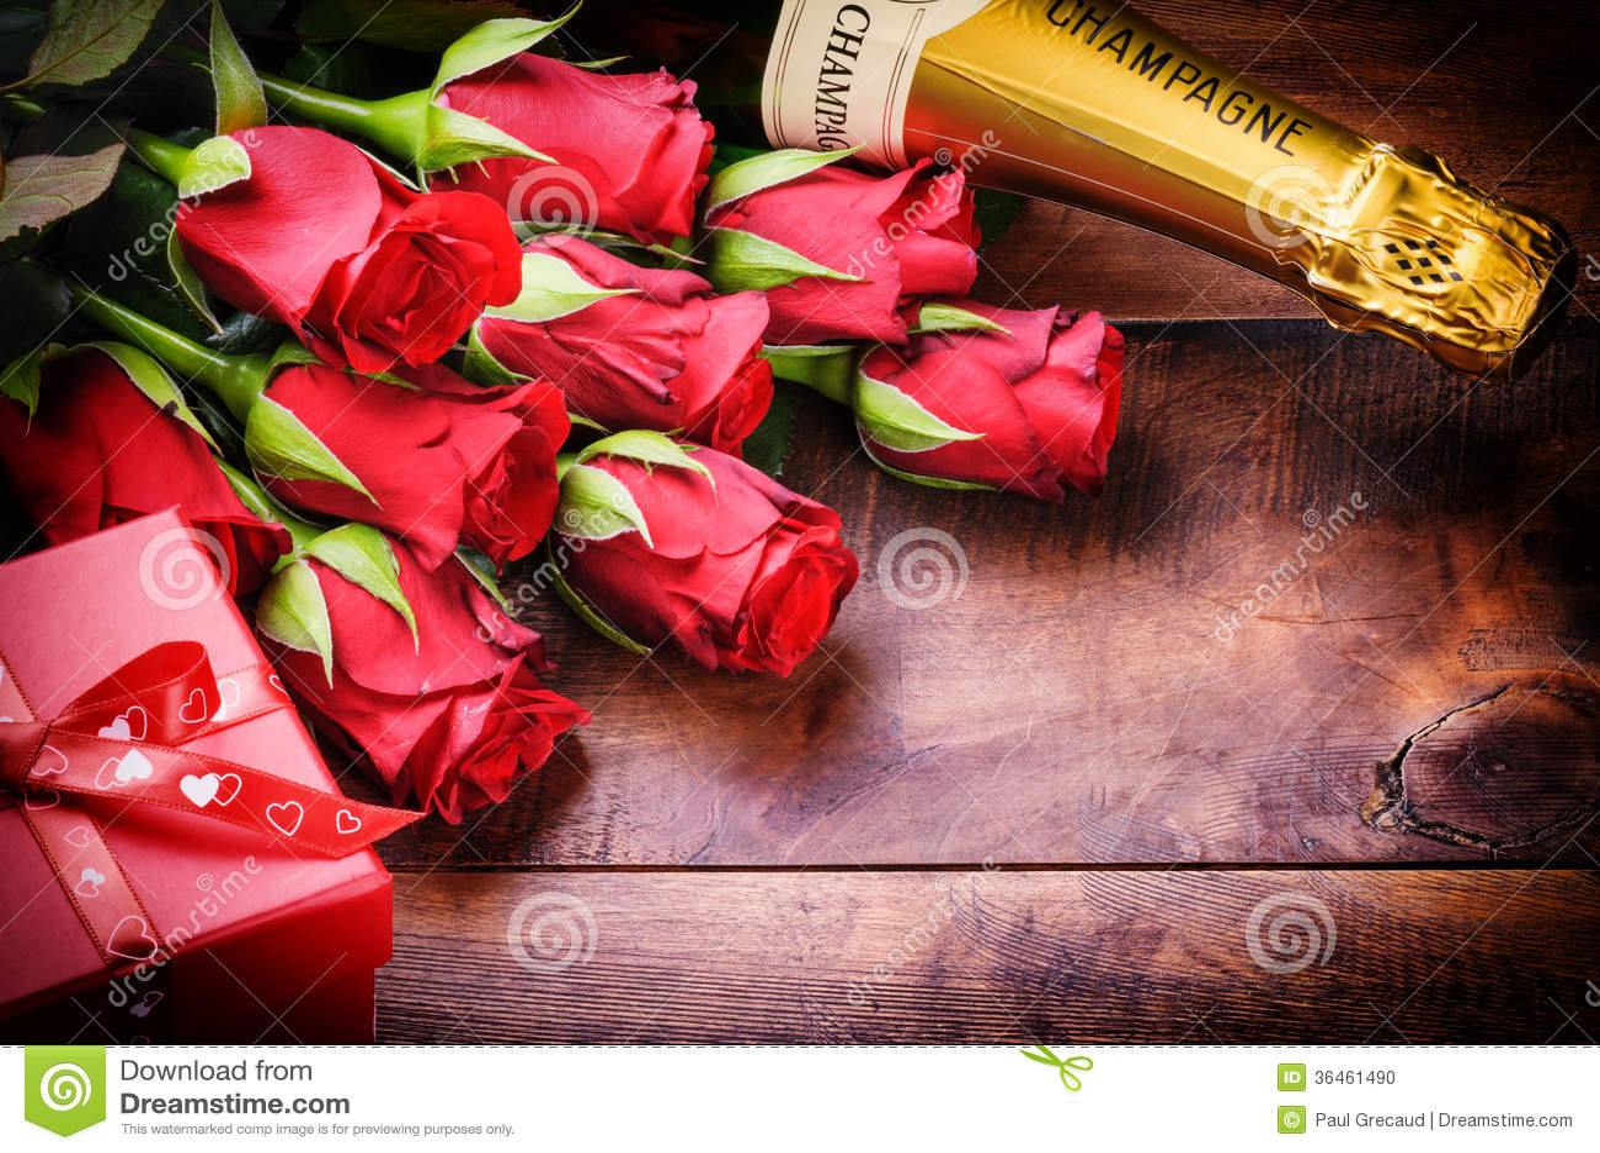 Установка валентинки с красными розами, шампанским и подарком